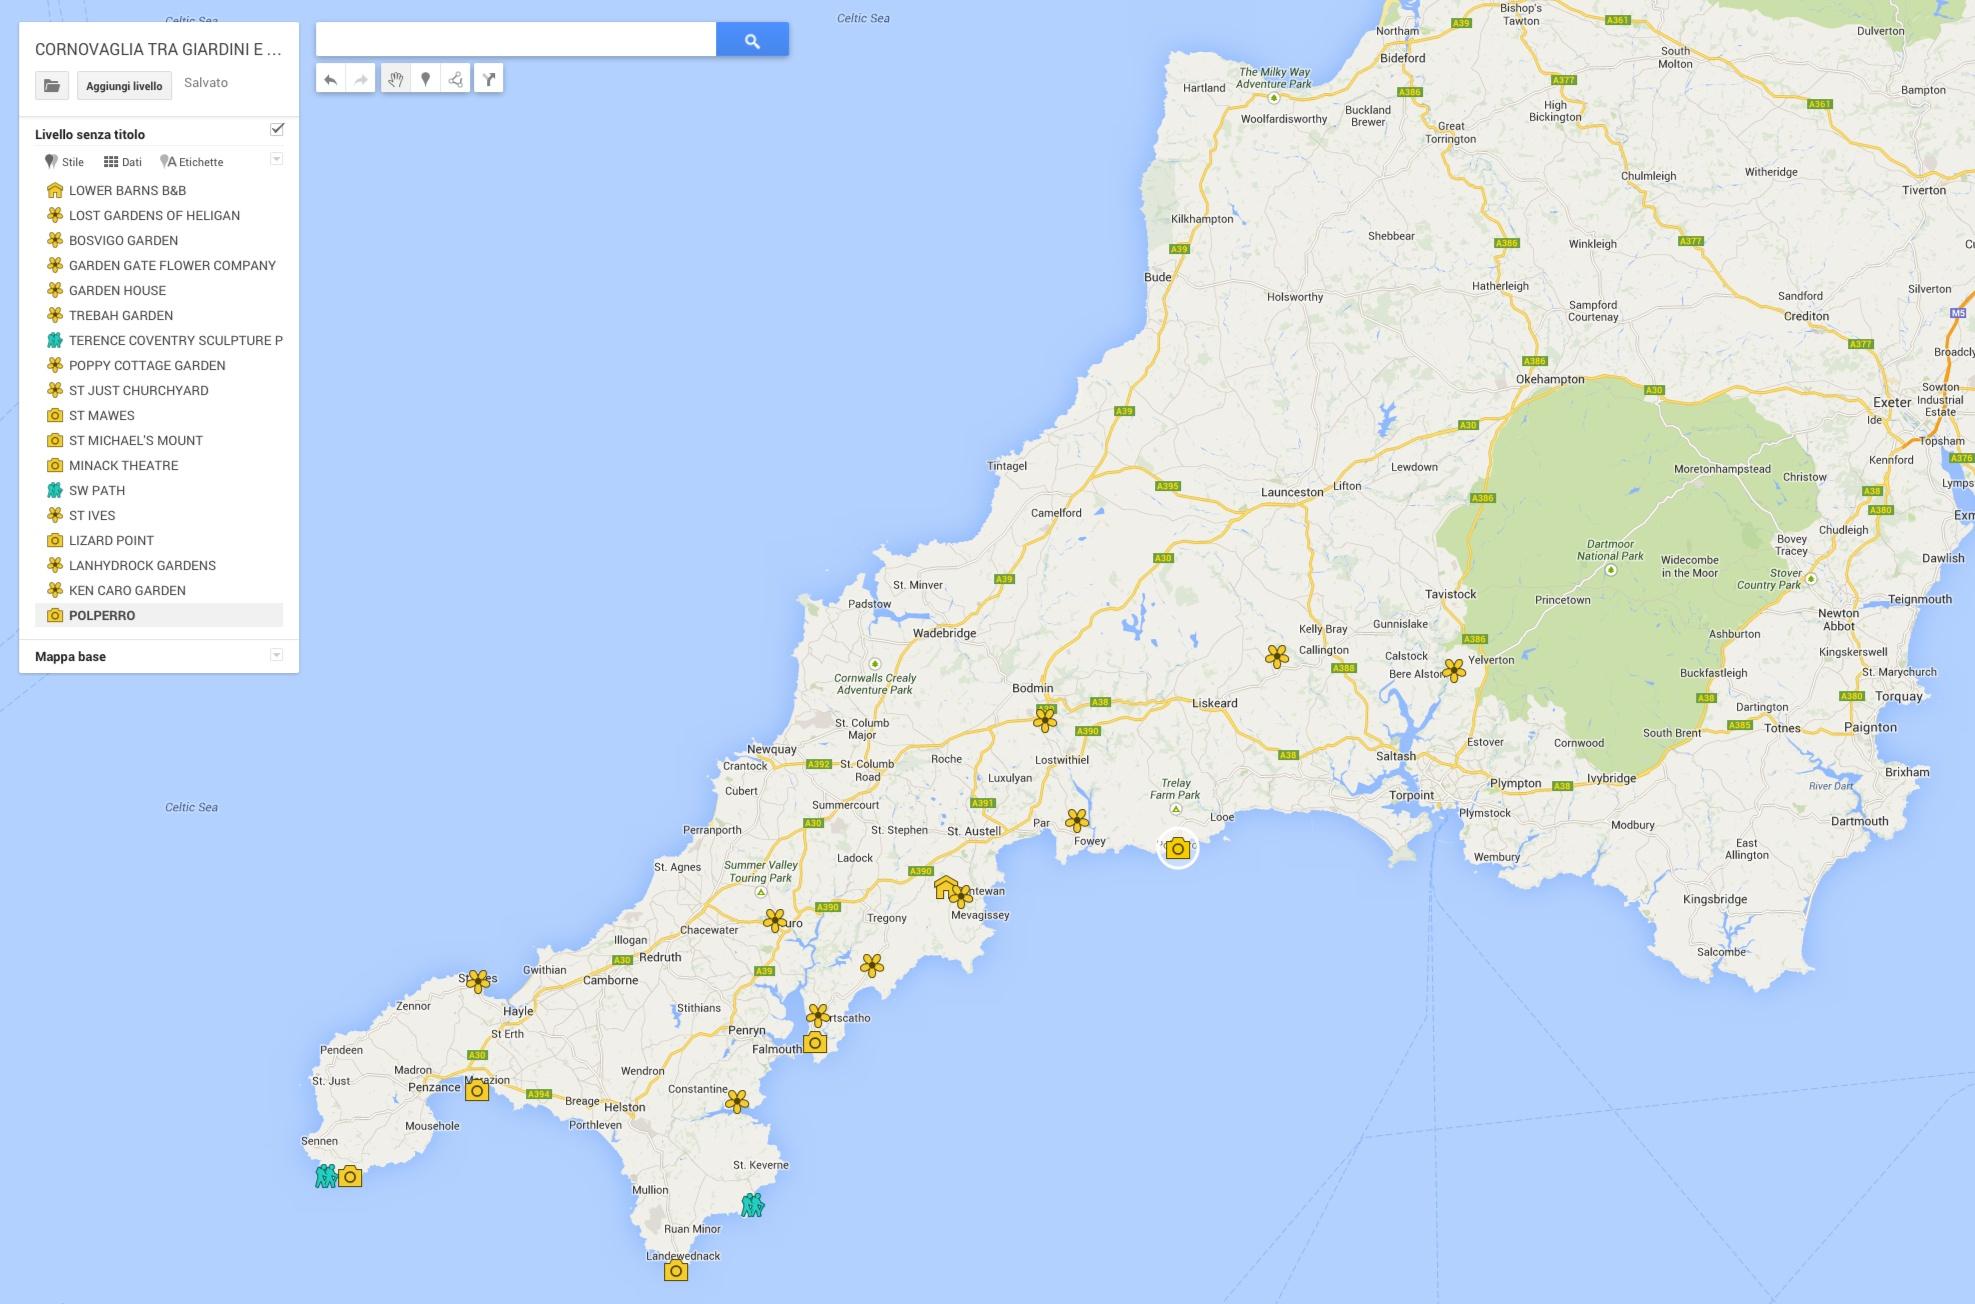 Cartina Cornovaglia.Mappa Cornovaglia Viaggi Floreali